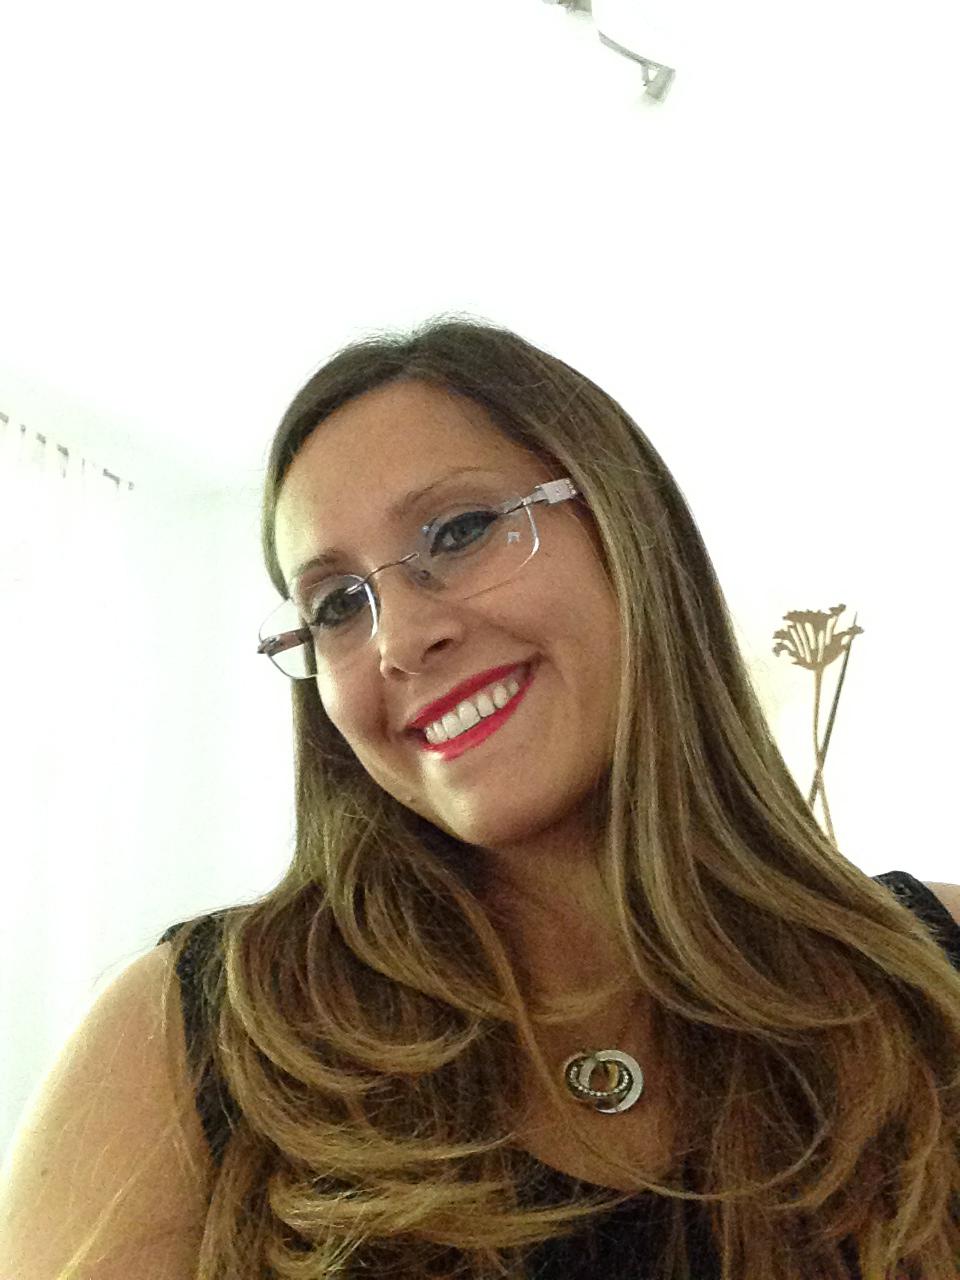 Gabriella Parracino